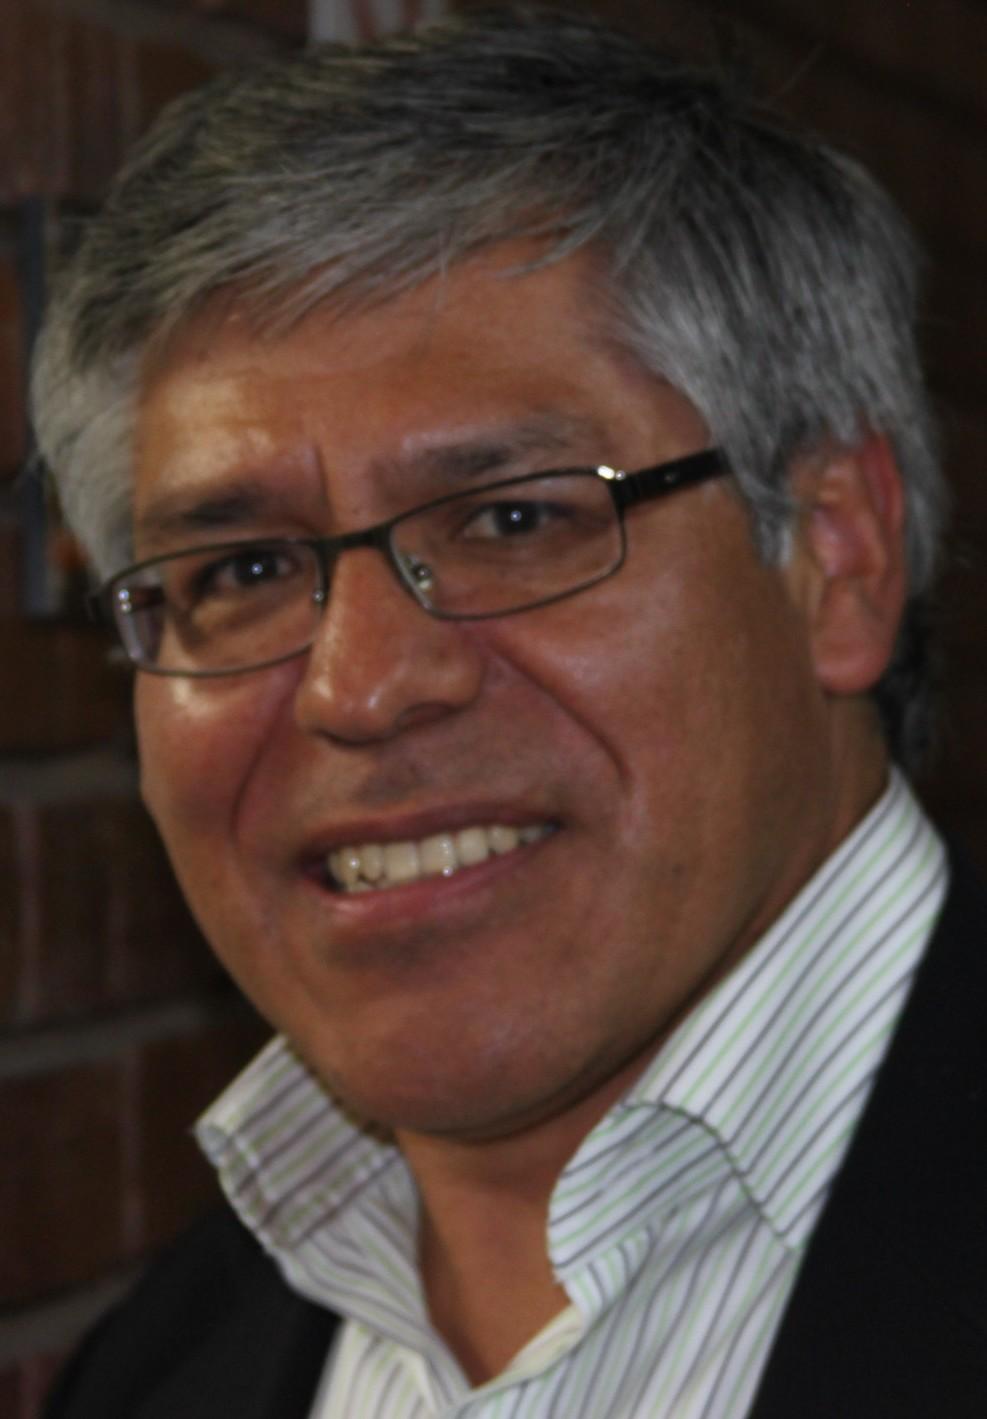 Jorge Armando Rodrguez